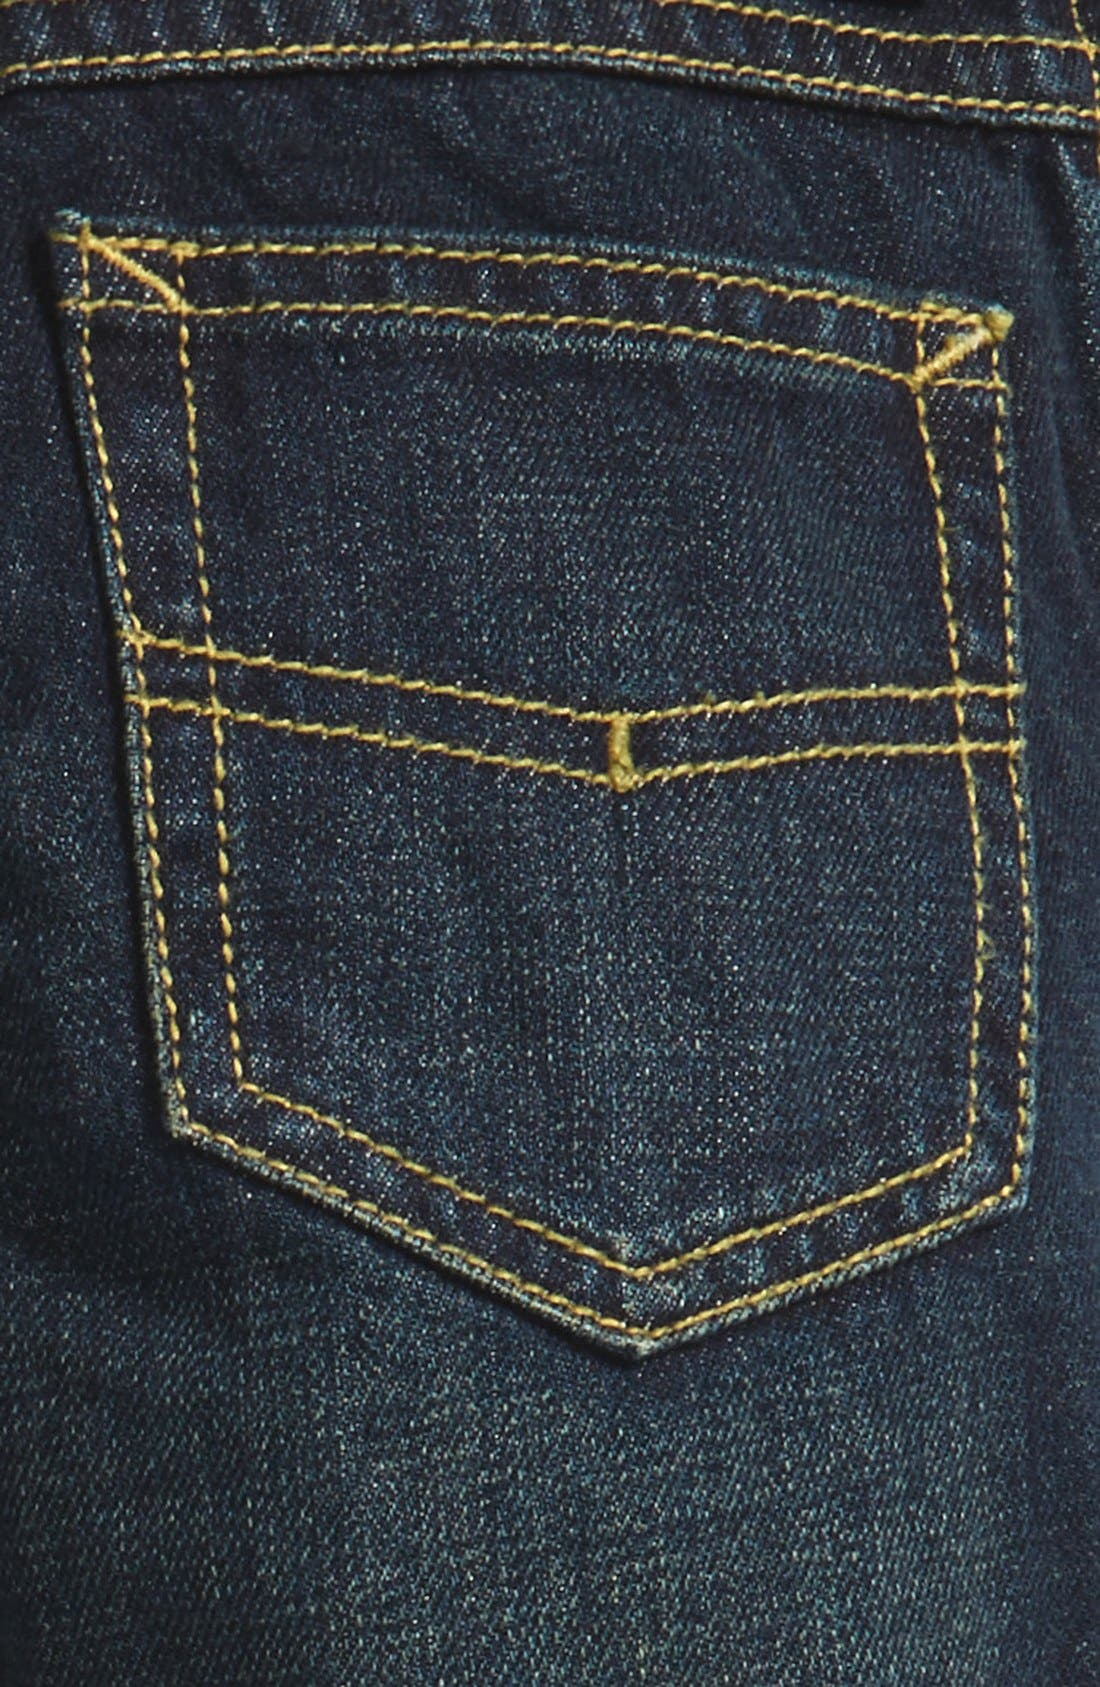 Alternate Image 3  - Tucker + Tate 'Townsend' Straight Leg Jeans (Toddler Boys & Little Boys)